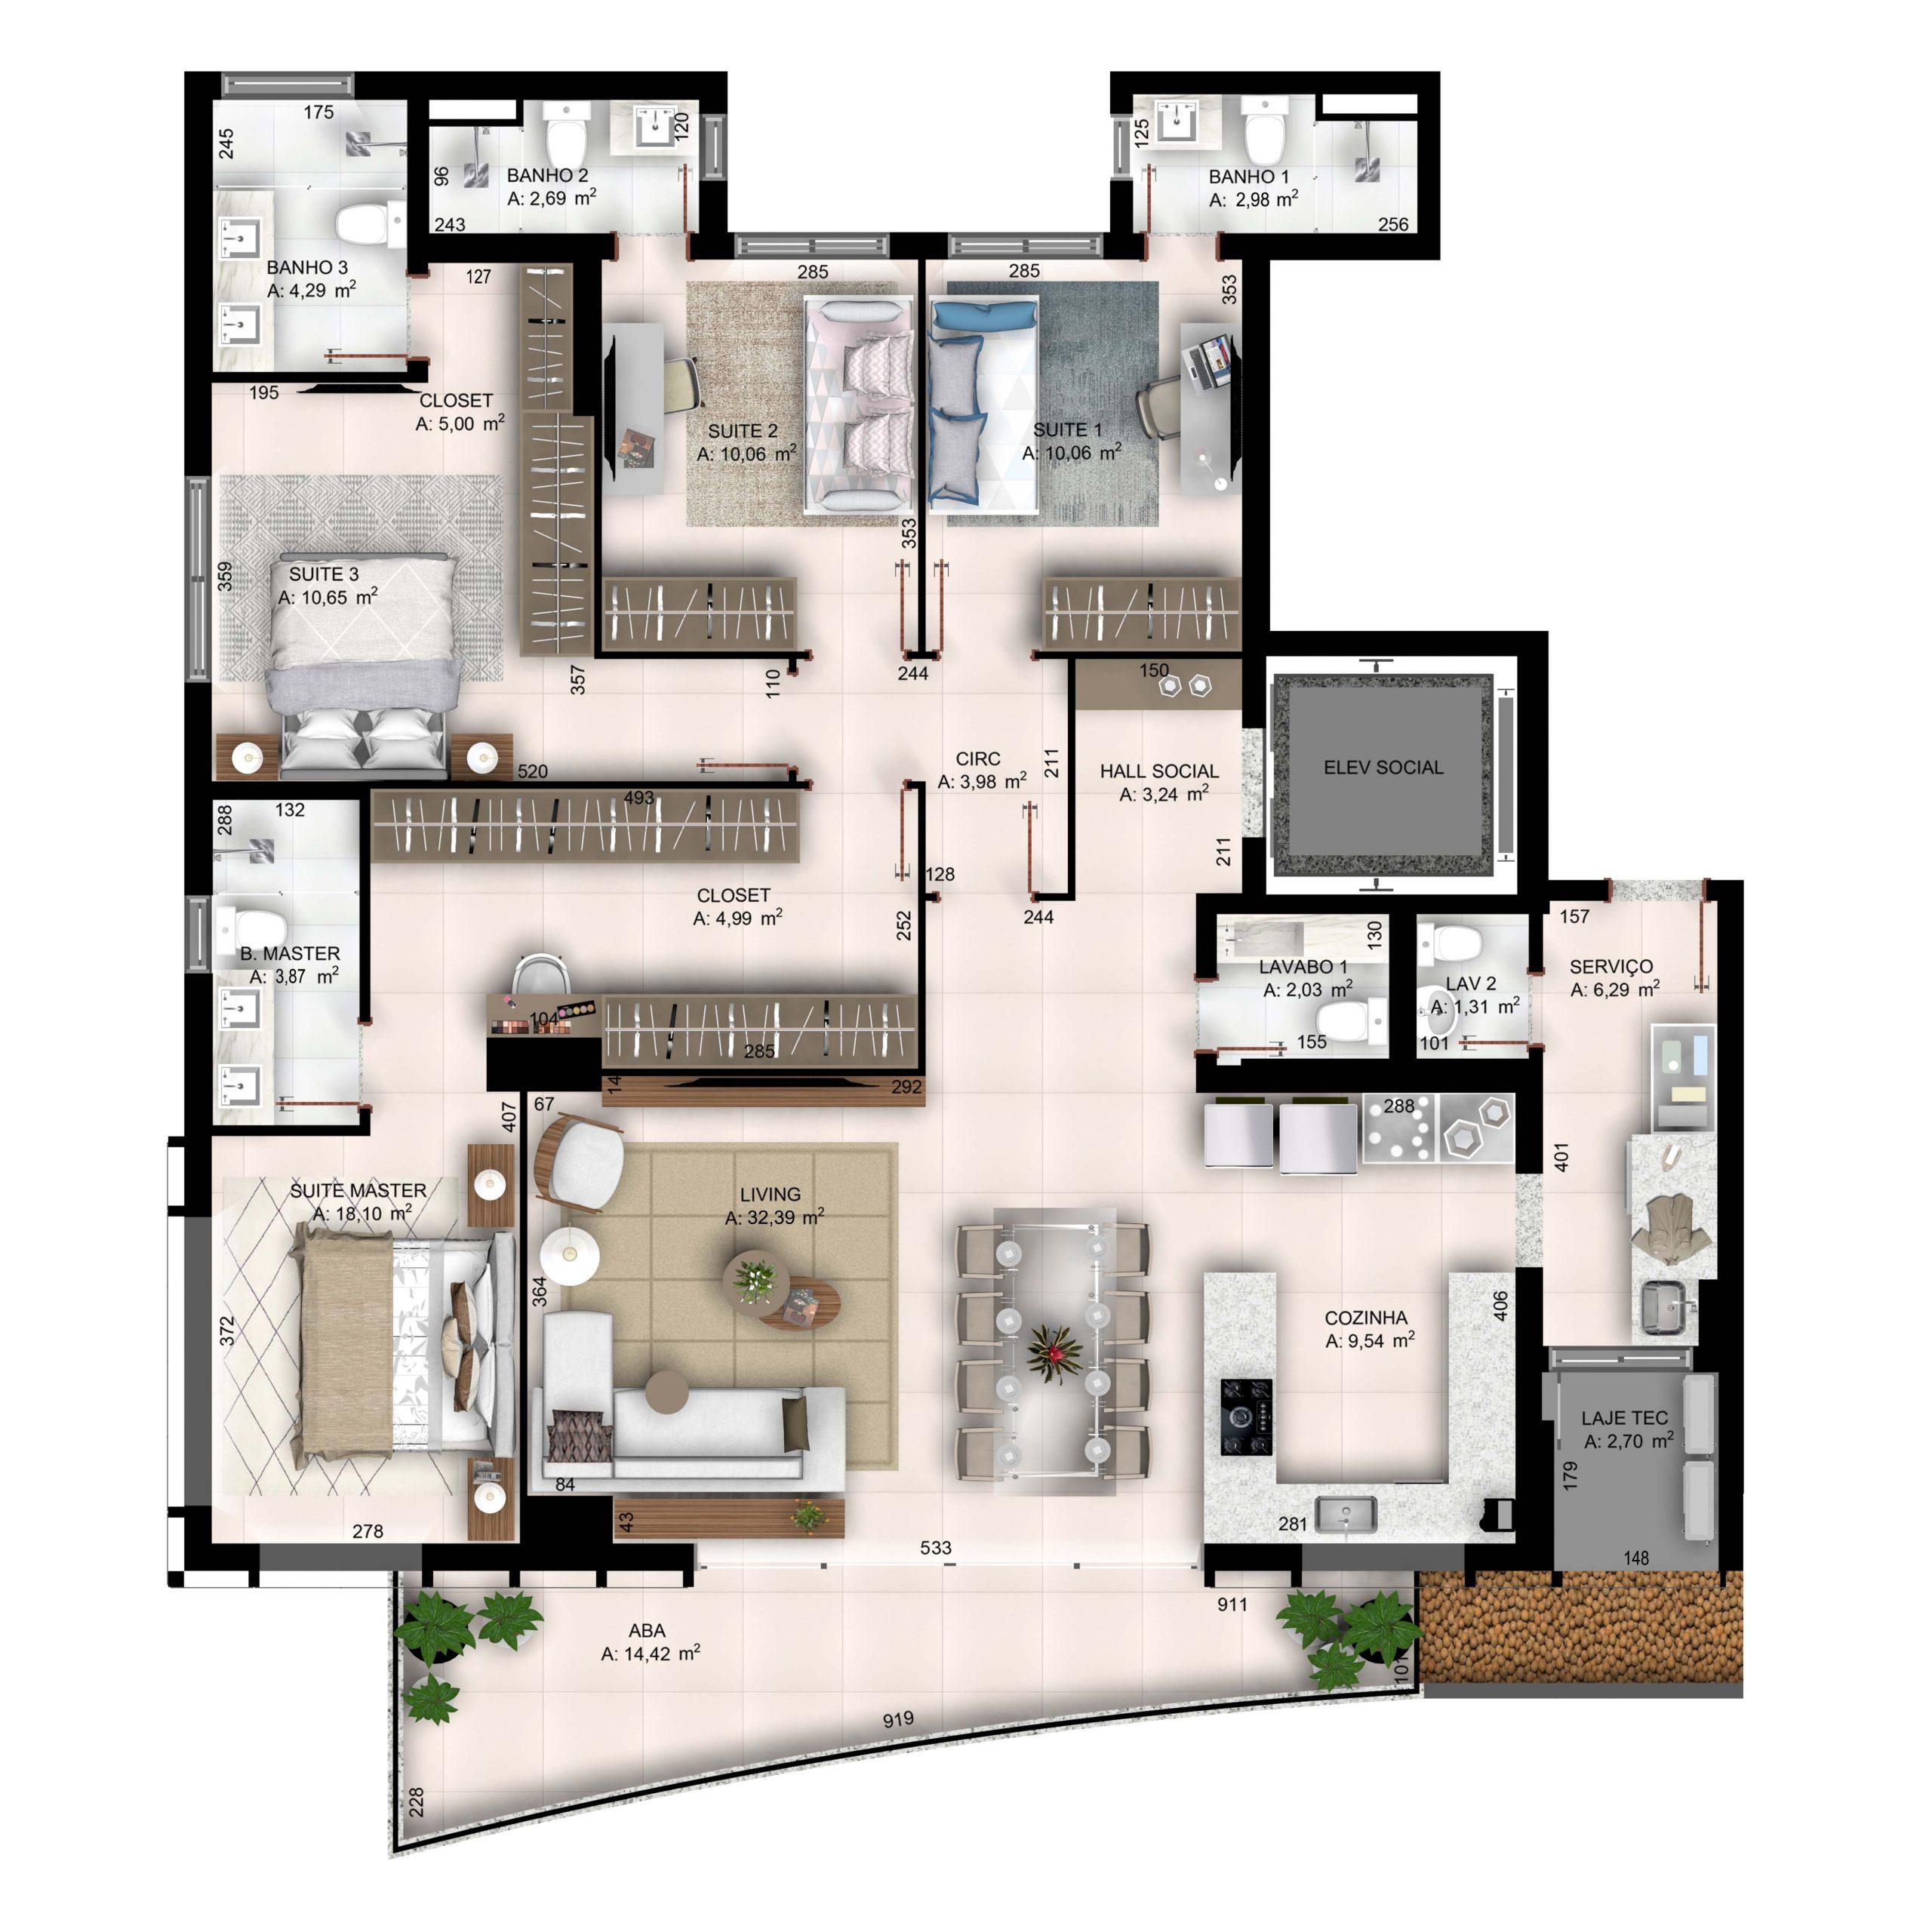 4 suítes plenas com cozinha integrada - 171,45 m²